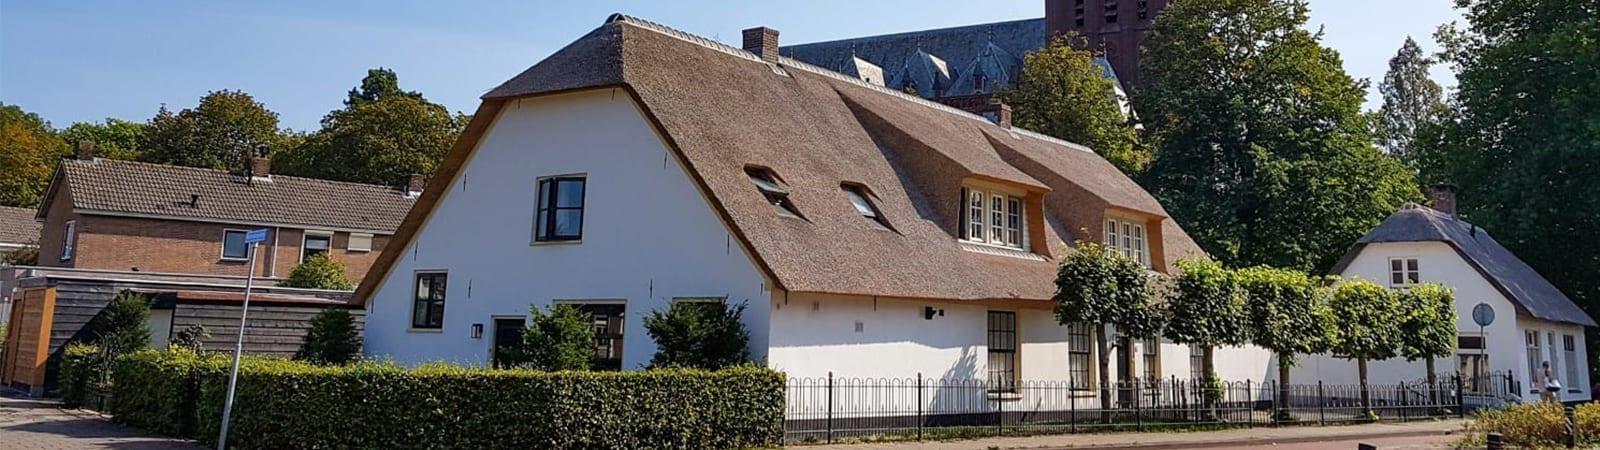 Aankoopkeuring rieten dak